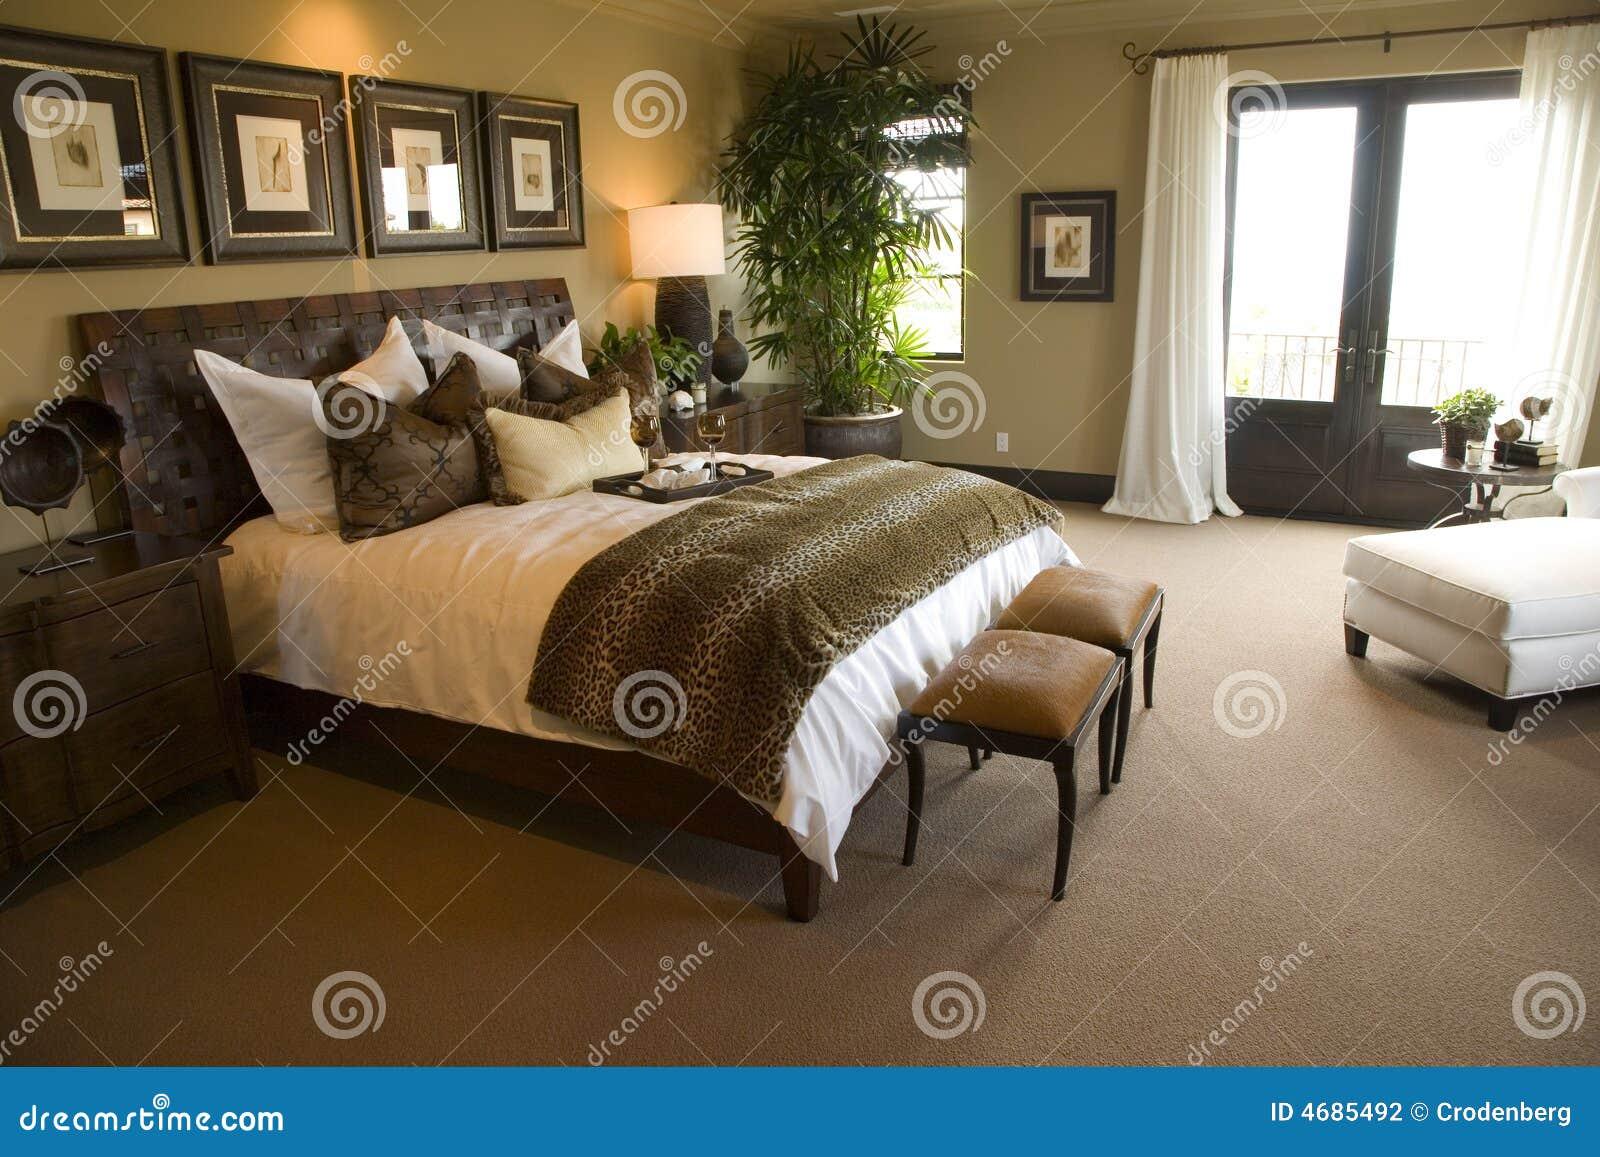 Chambre coucher la maison de luxe moderne photographie for Photo de chambre a coucher